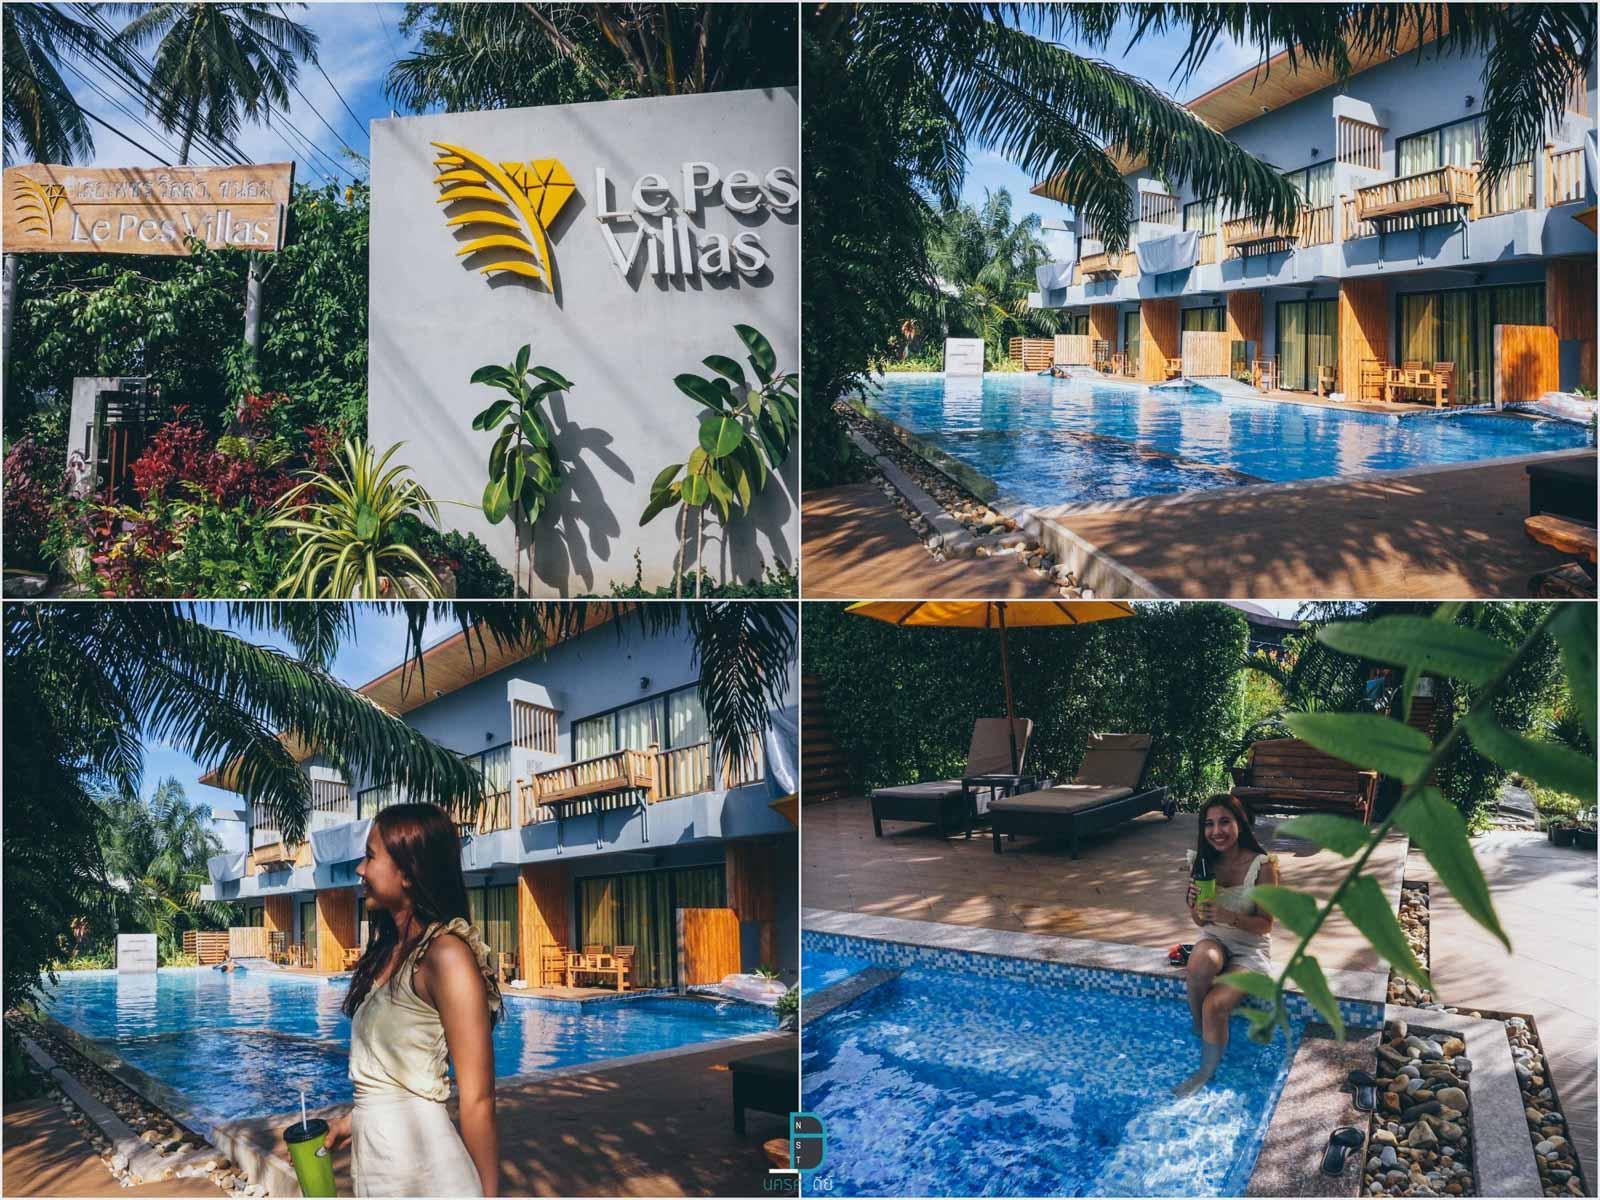 5.-Le-pes-Villa ที่พักขนอม-Le-Pes-Villa--ที่พักสุดสวยสระว่ายน้ำชิวๆ-เลอ-เพส-วิลล่า-ห้องพักมีหลากหลายแบบ-แต่ที่ฮอตสุดๆคือห้อง-Pool-Access-ที่มีตาข่ายริมสระนอนชิวๆ-สวยๆกันเลยทีเดียวว-ต้องห้ามพลาดนะครับ  ที่พักขนอม,นครศรี,ขนอม,วิวหลักล้าน,ทะเล,ธรรมชาติ,ภูเขา,โรงแรม,รีสอร์ท